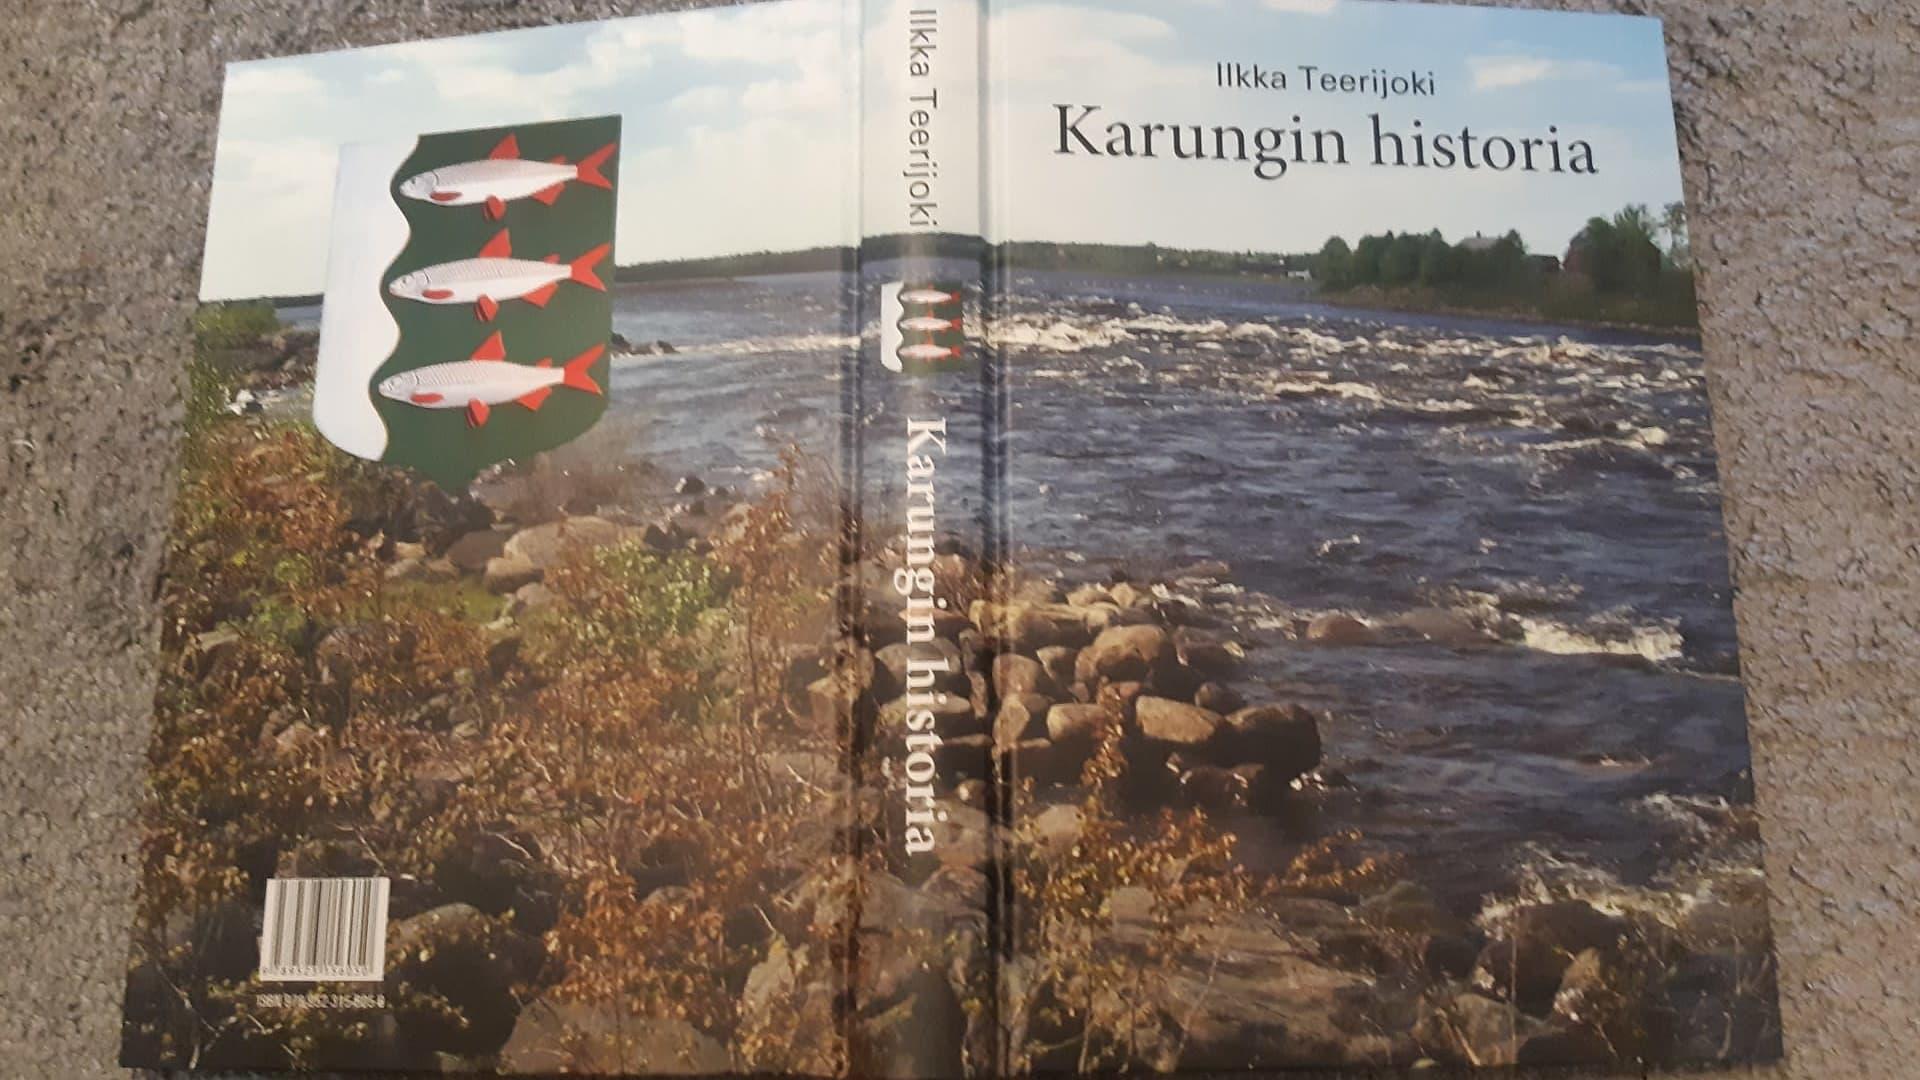 Karungin historiasta kertovan kirjan kannessa on kuva Matkakoskesta. Takakannessa on myös Karungin kunnan vaakuna.